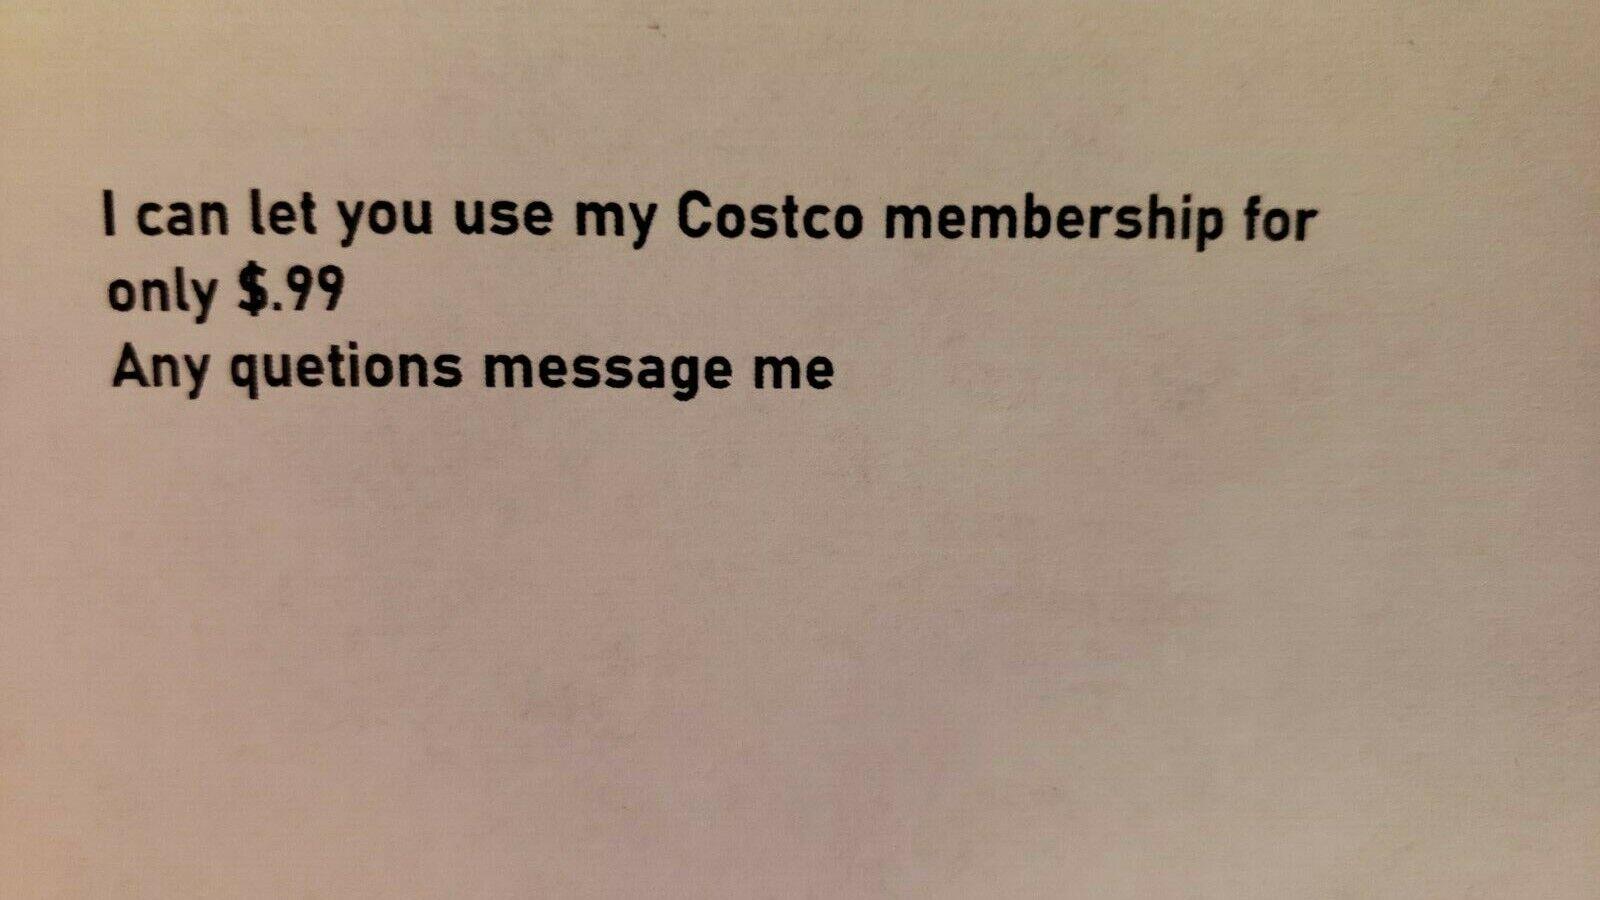 Costco Membership  - $0.99